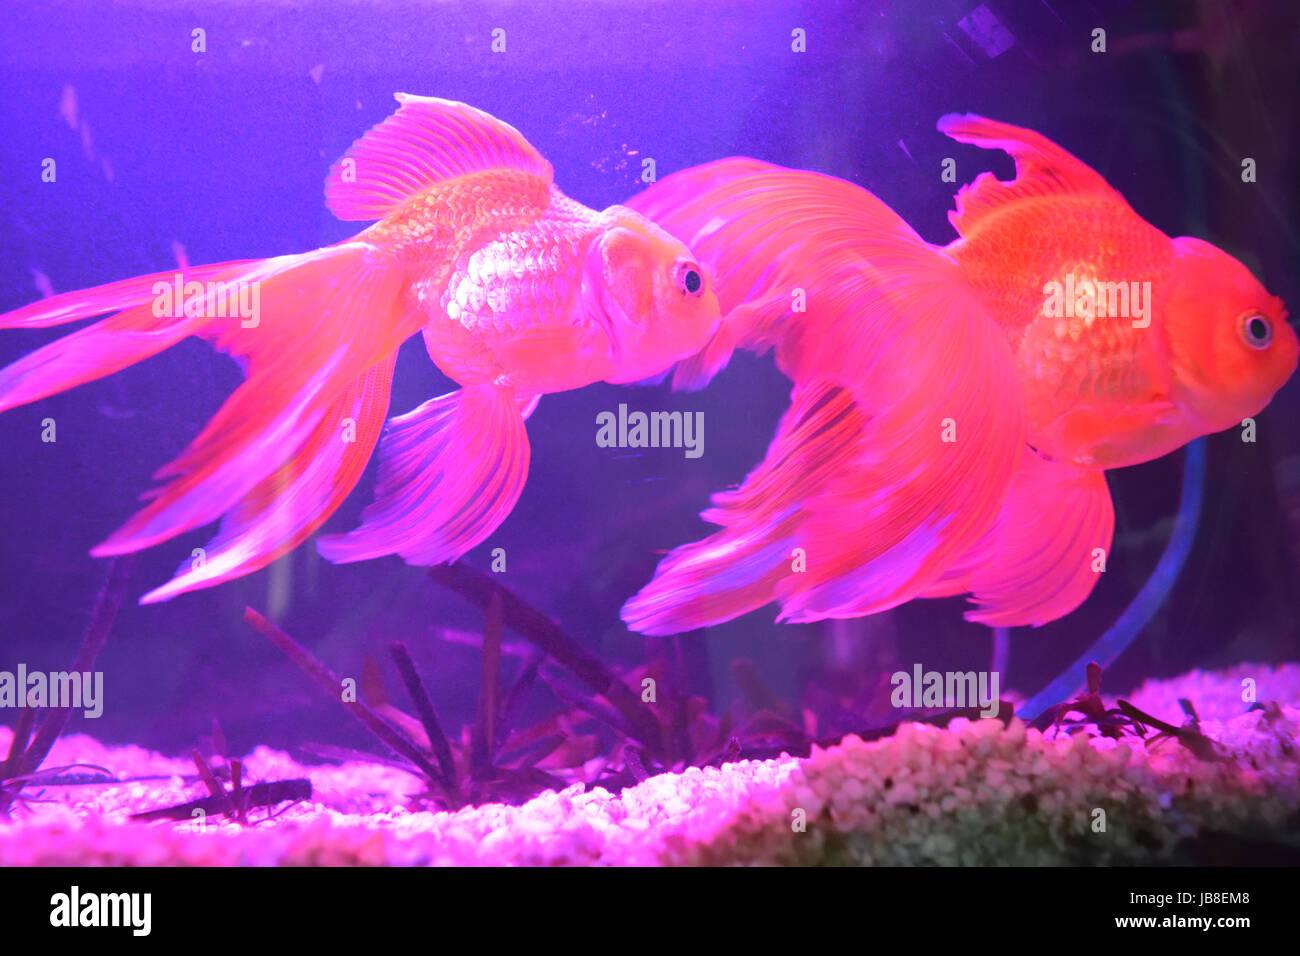 Goldfish in a home aquarium - Stock Image